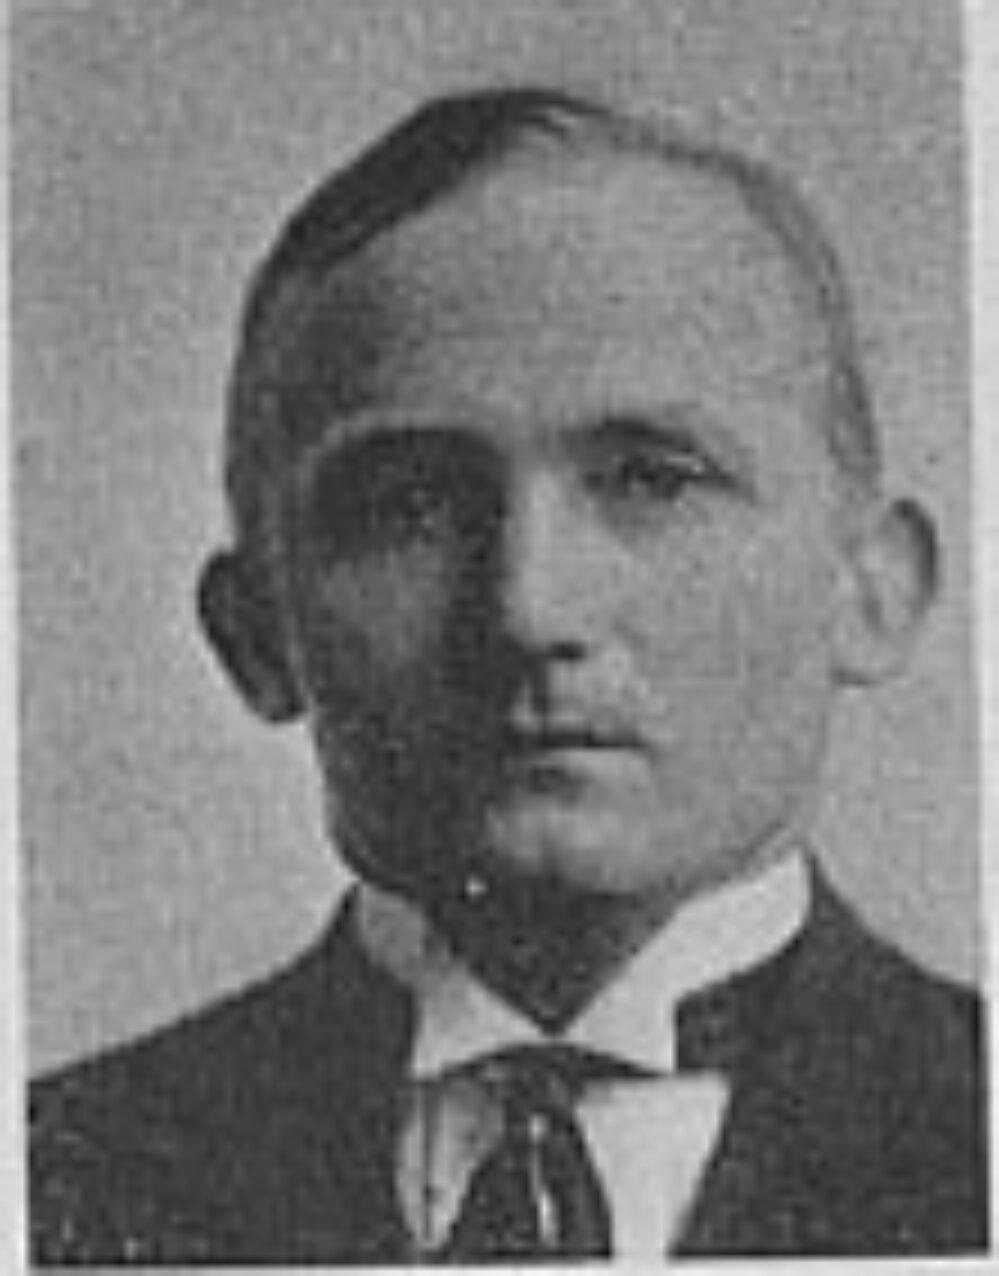 Sverre Jenssen